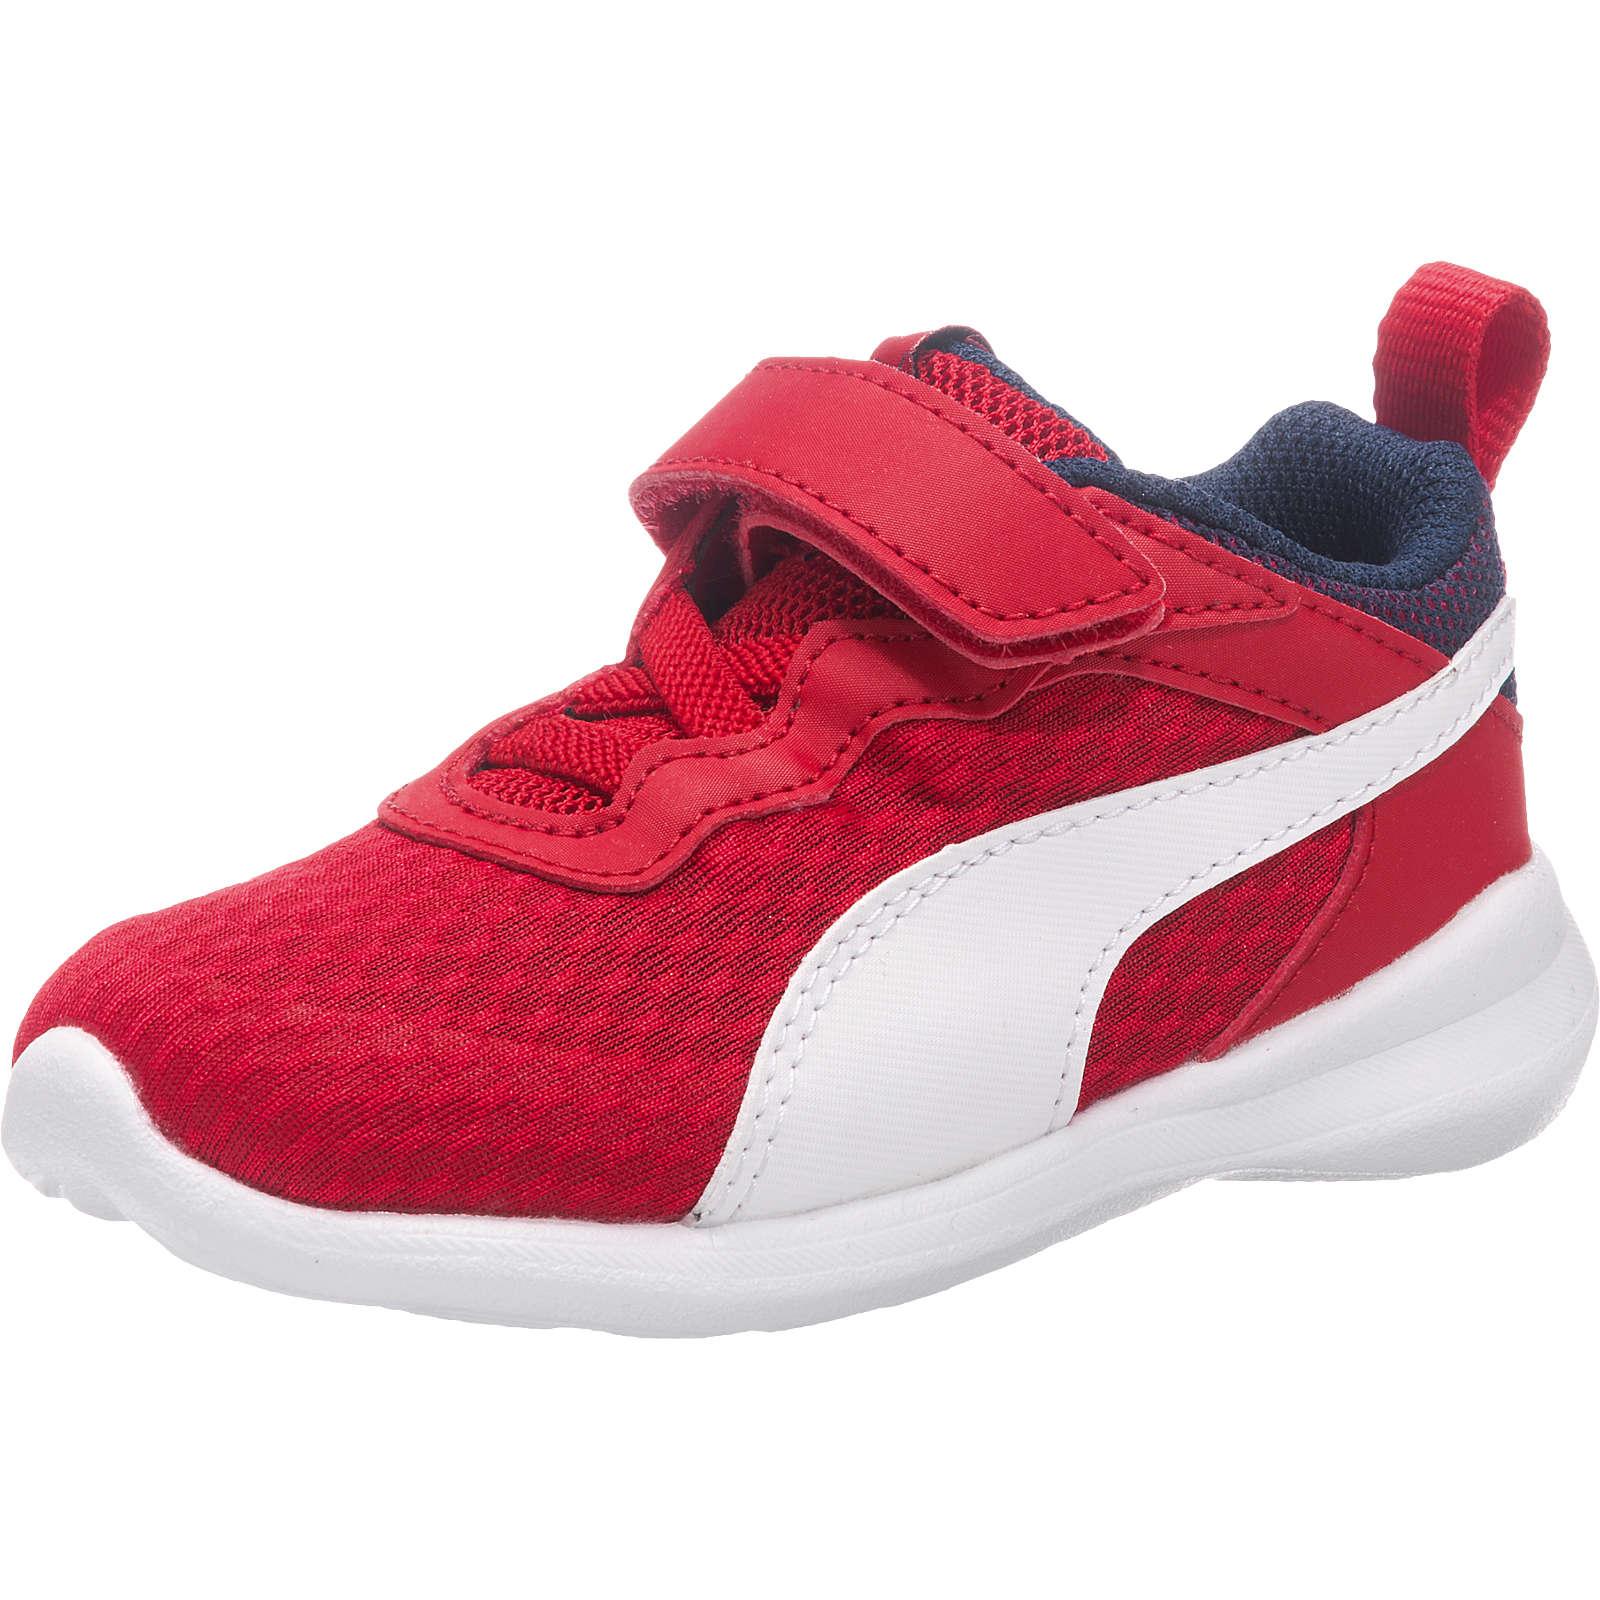 PUMA Baby Sportschuhe Pacer Evo rot Mädchen Gr. 20 bei Mirapodo - Neue Styles